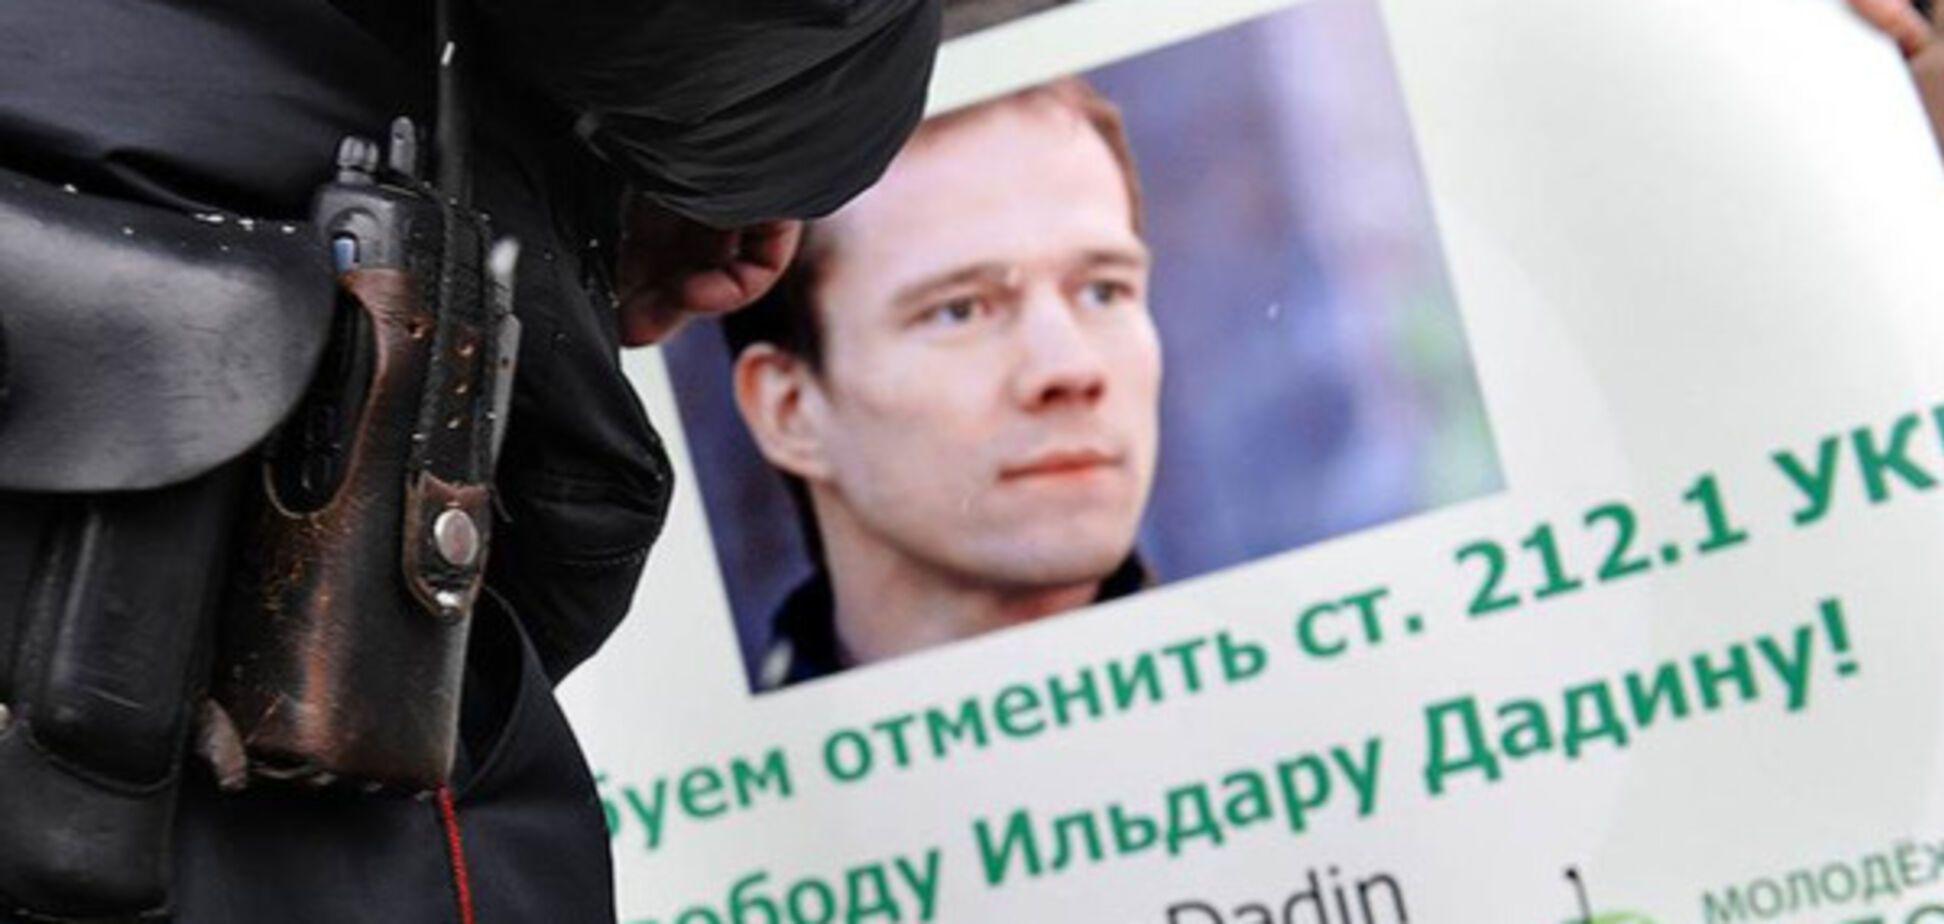 Российские тюремщики пригрозили Дадину иском на один миллион